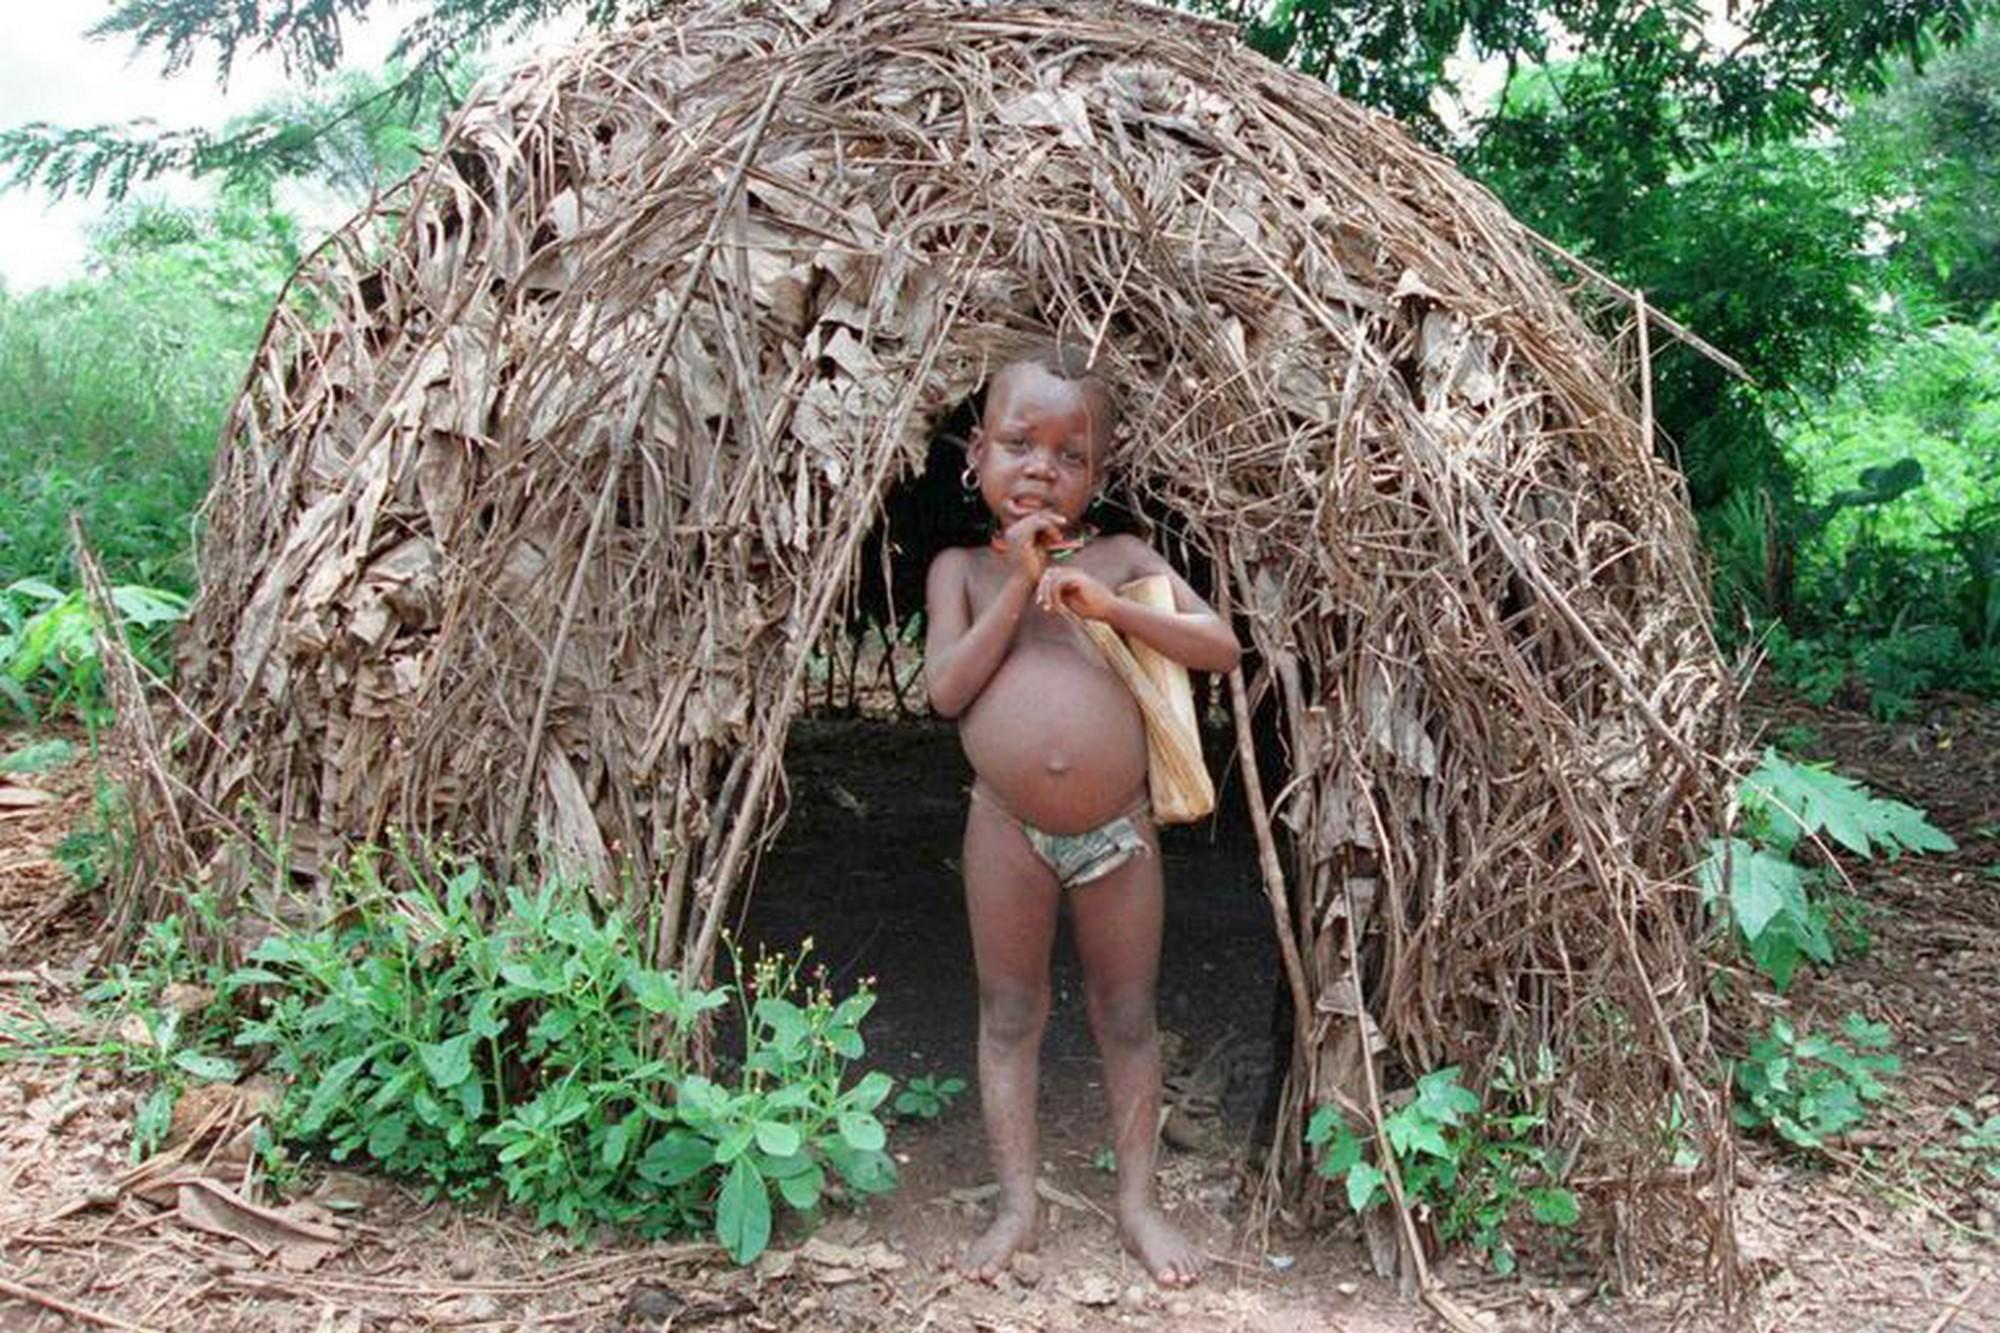 Юный пигмей у хижины из прутьев и листьев. Габон, Центральная Африка (Desirey Minkoh / AFP).